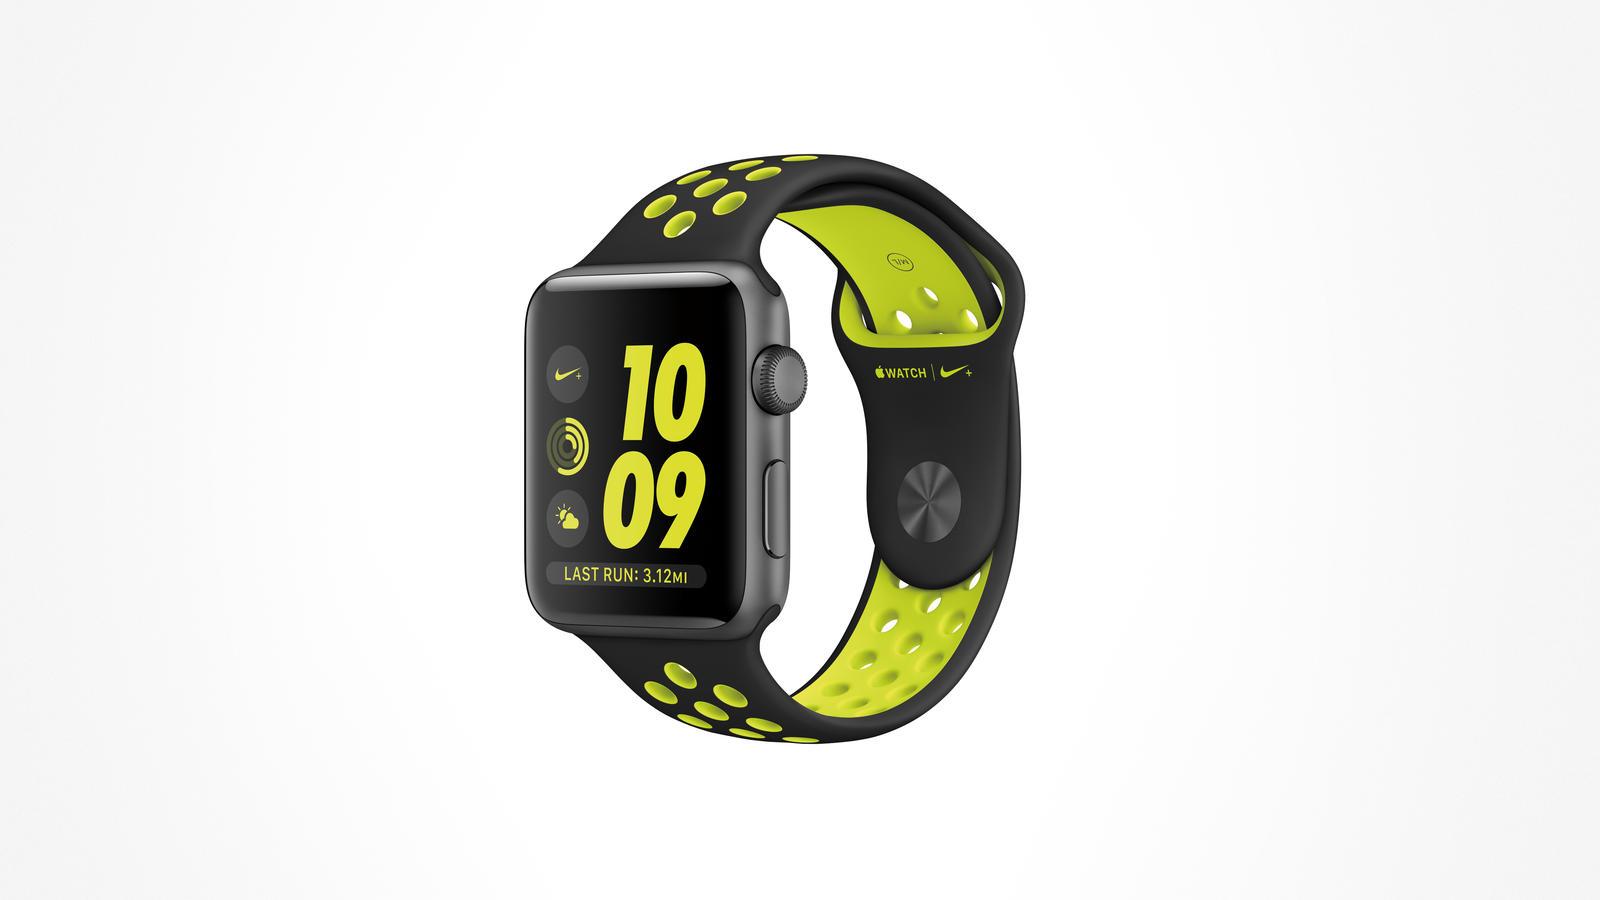 nike-plus-apple-watch-2016-lead_hd_1600